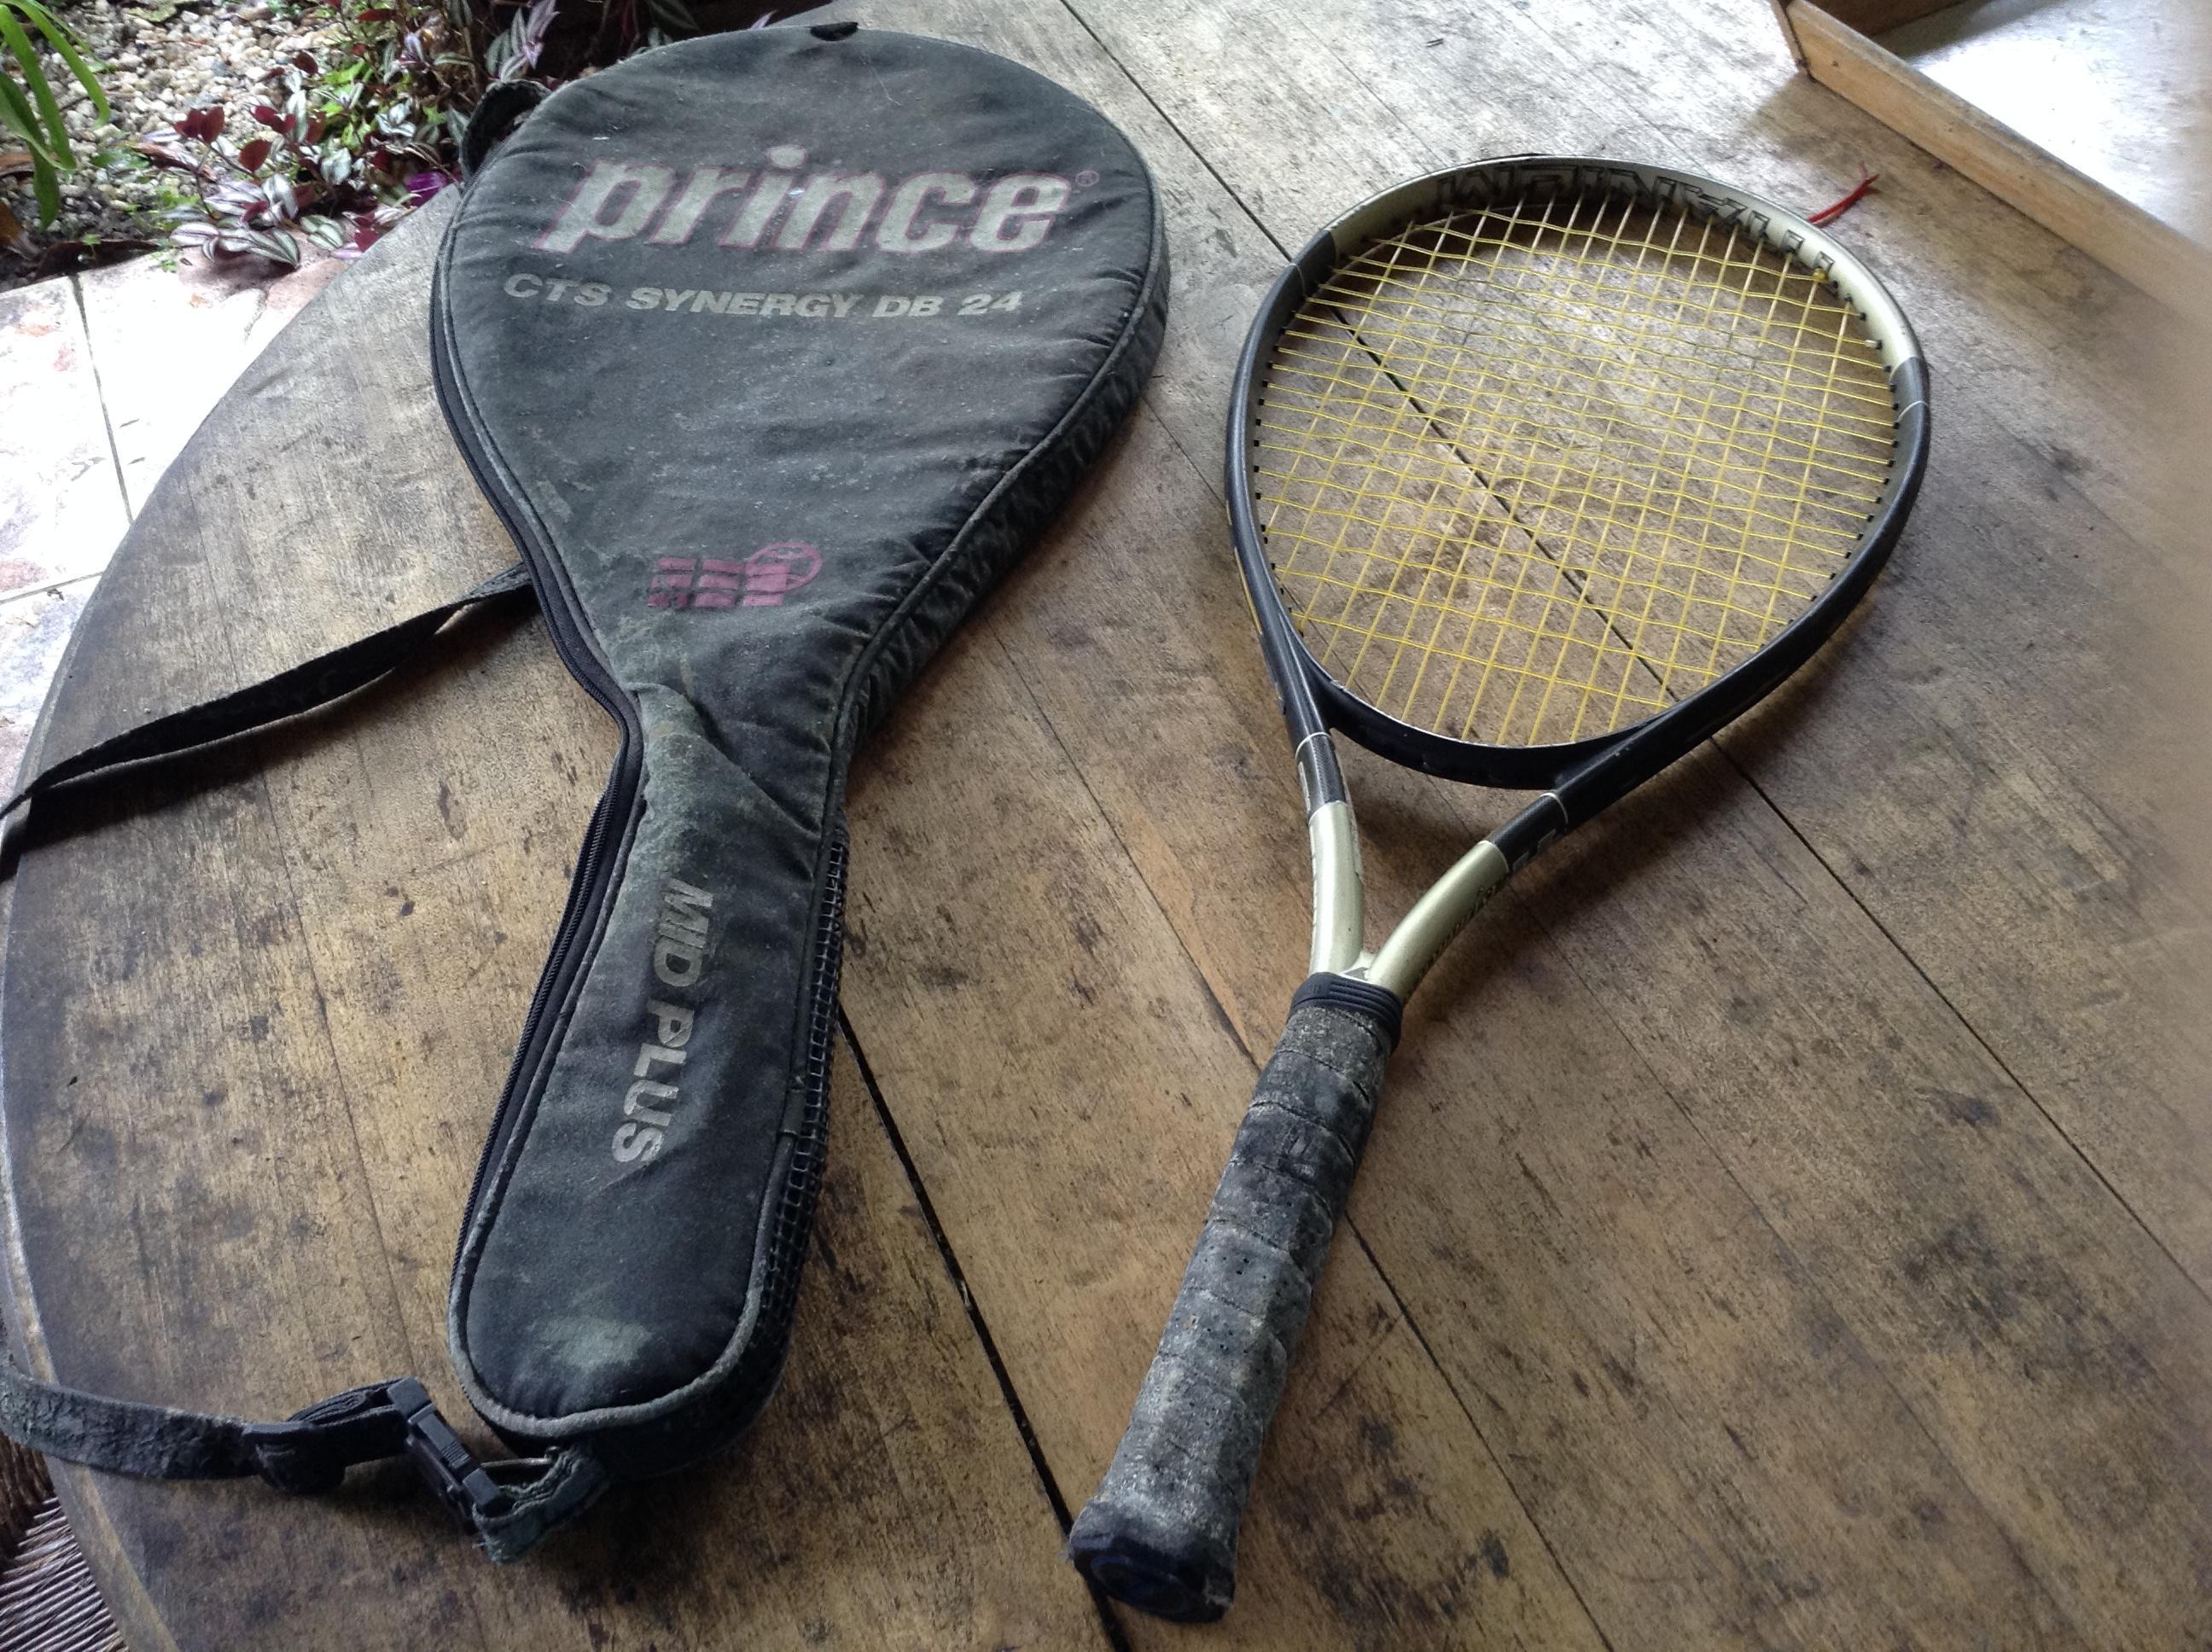 troc de troc raquette de tennis adulte image 0